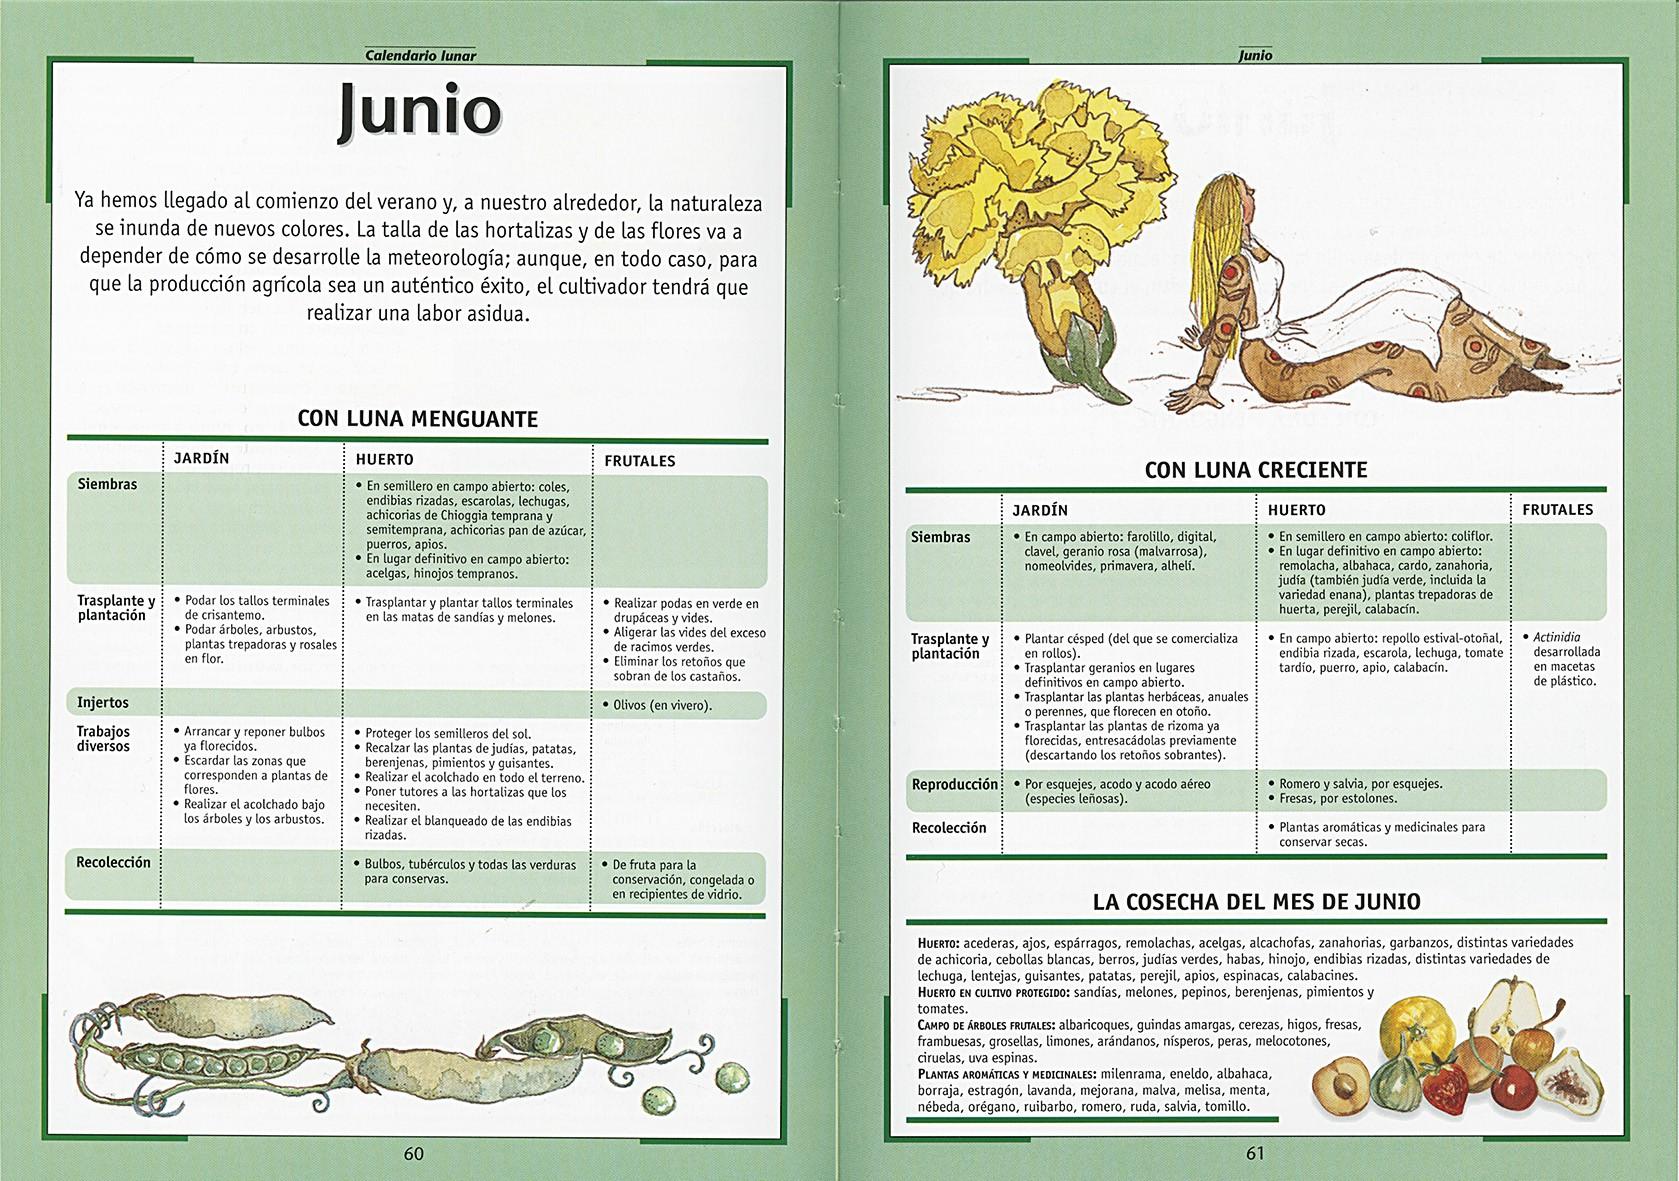 Calendario Lunar De Siembra.Calendario Lunar De Las Siembras Y Labores Agricolas Editorial Susaeta Venta De Libros Infantiles Venta De Libros Libros De Cocina Atlas